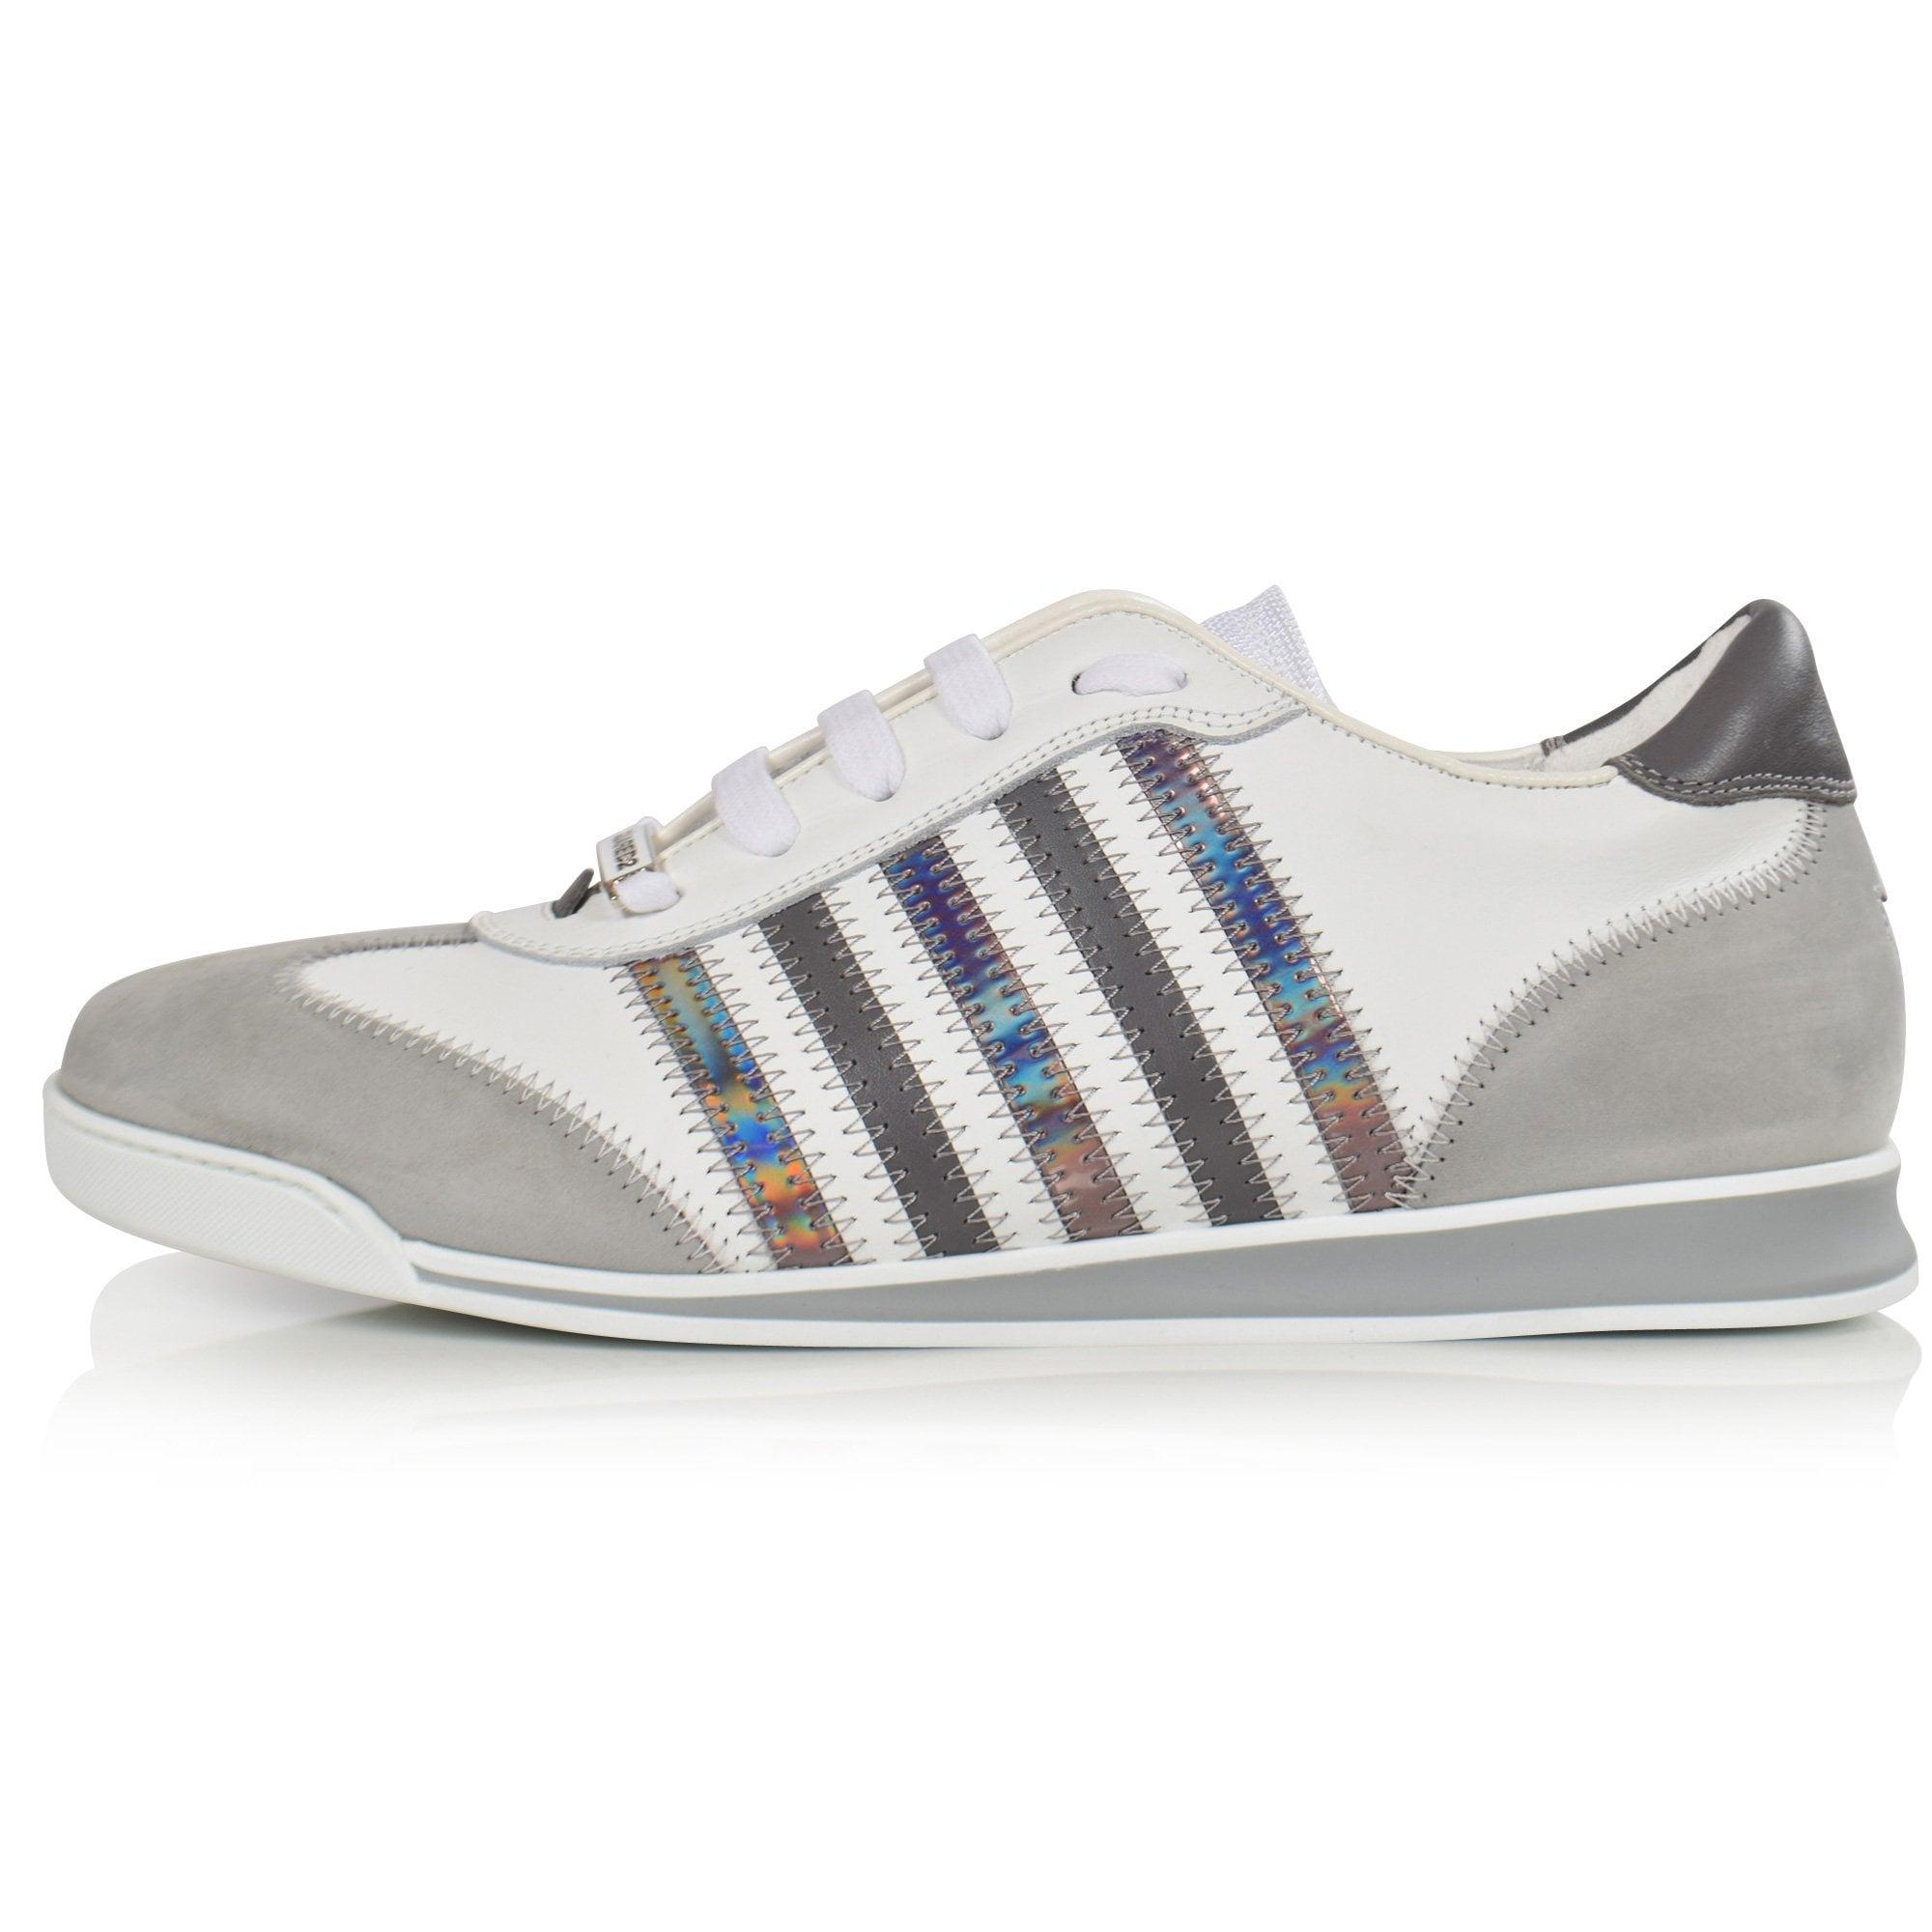 DSQUARED2 White/Grey New Runner